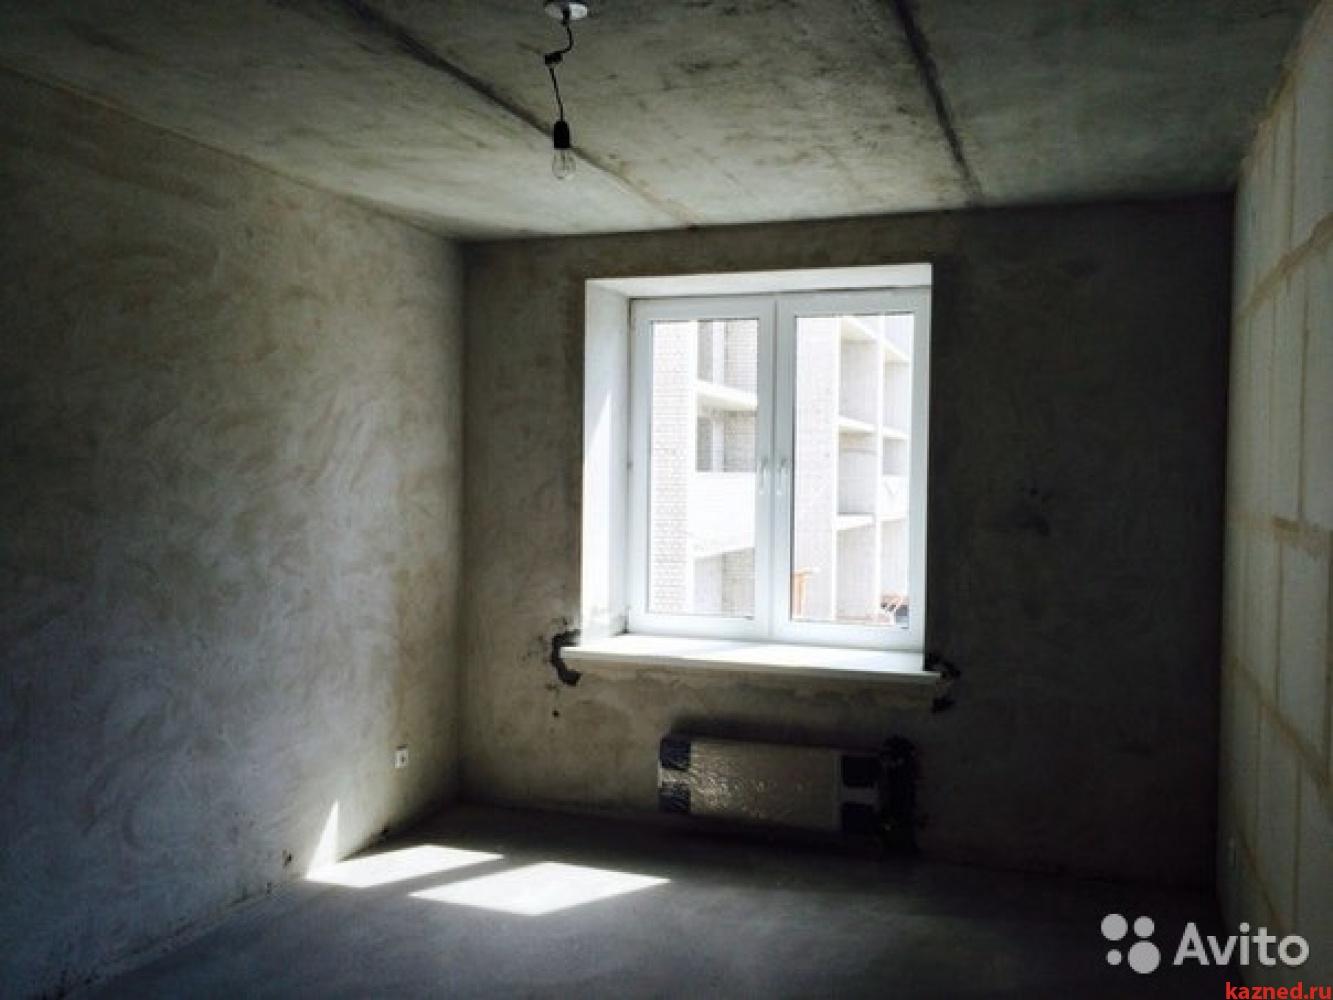 Продажа 1-к квартиры мамадышский тракт дом 5, ЖК ВЕСНА, 35 м2  (миниатюра №4)